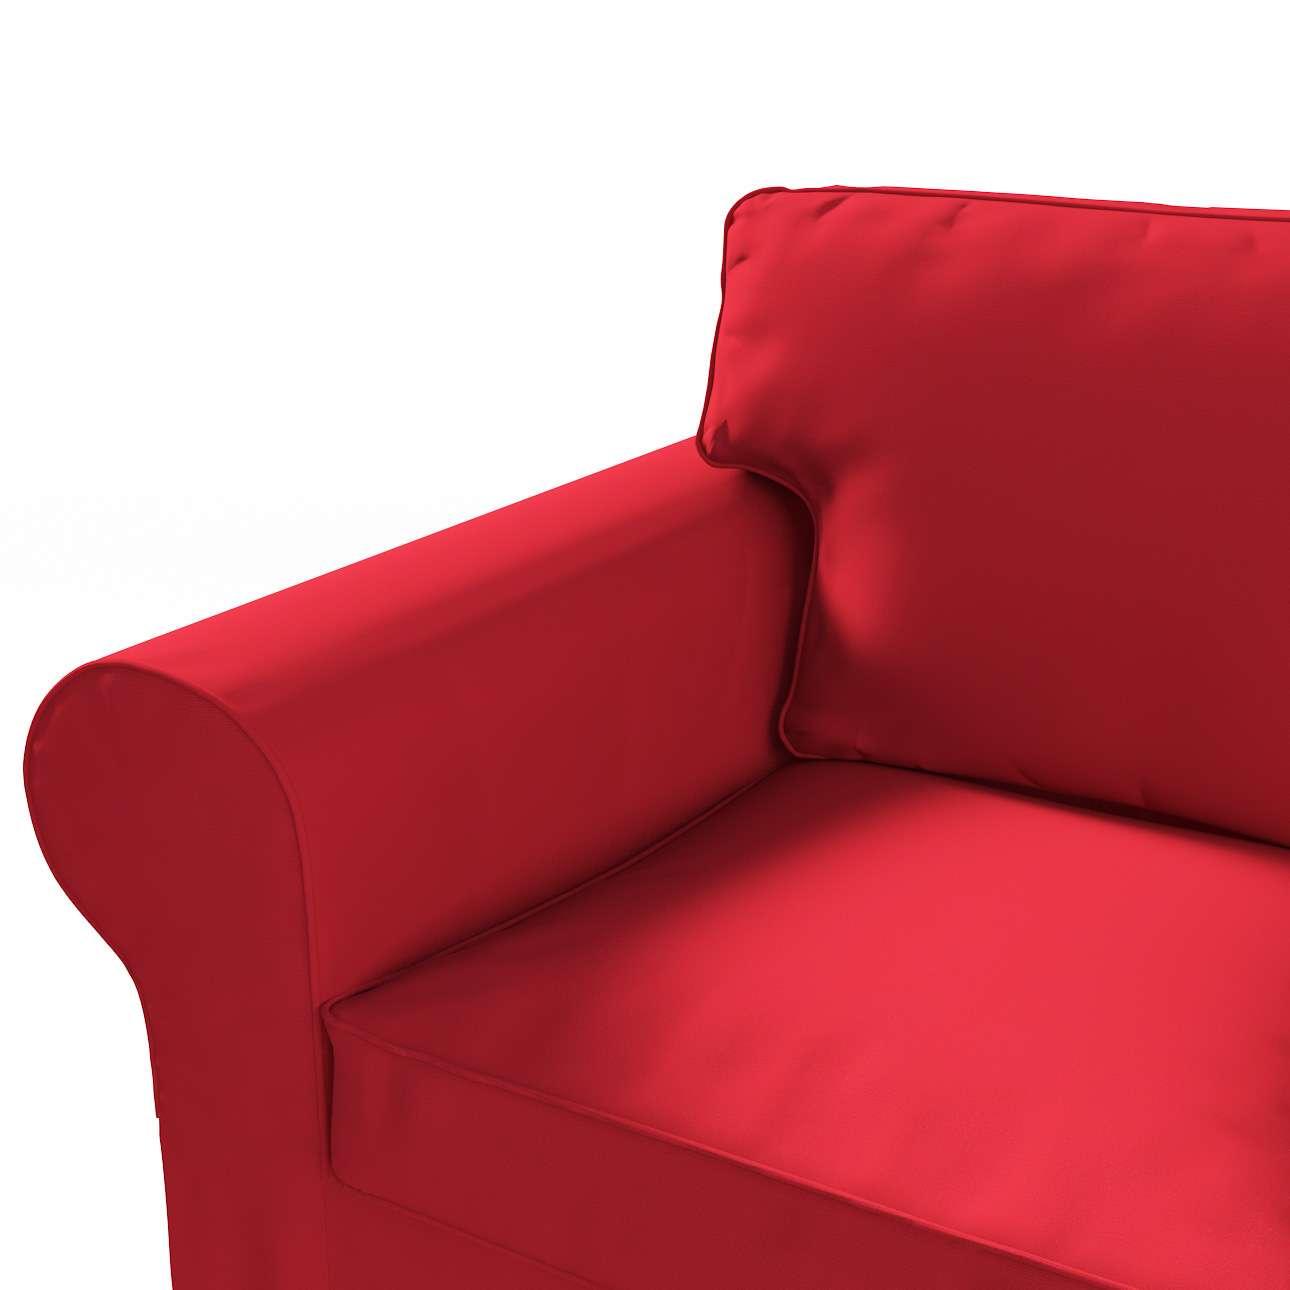 Pokrowiec na sofę Ektorp 3-osobową, rozkładaną STARY MODEL Sofa Ektorp 3-osobowa rozkładana w kolekcji Cotton Panama, tkanina: 702-04